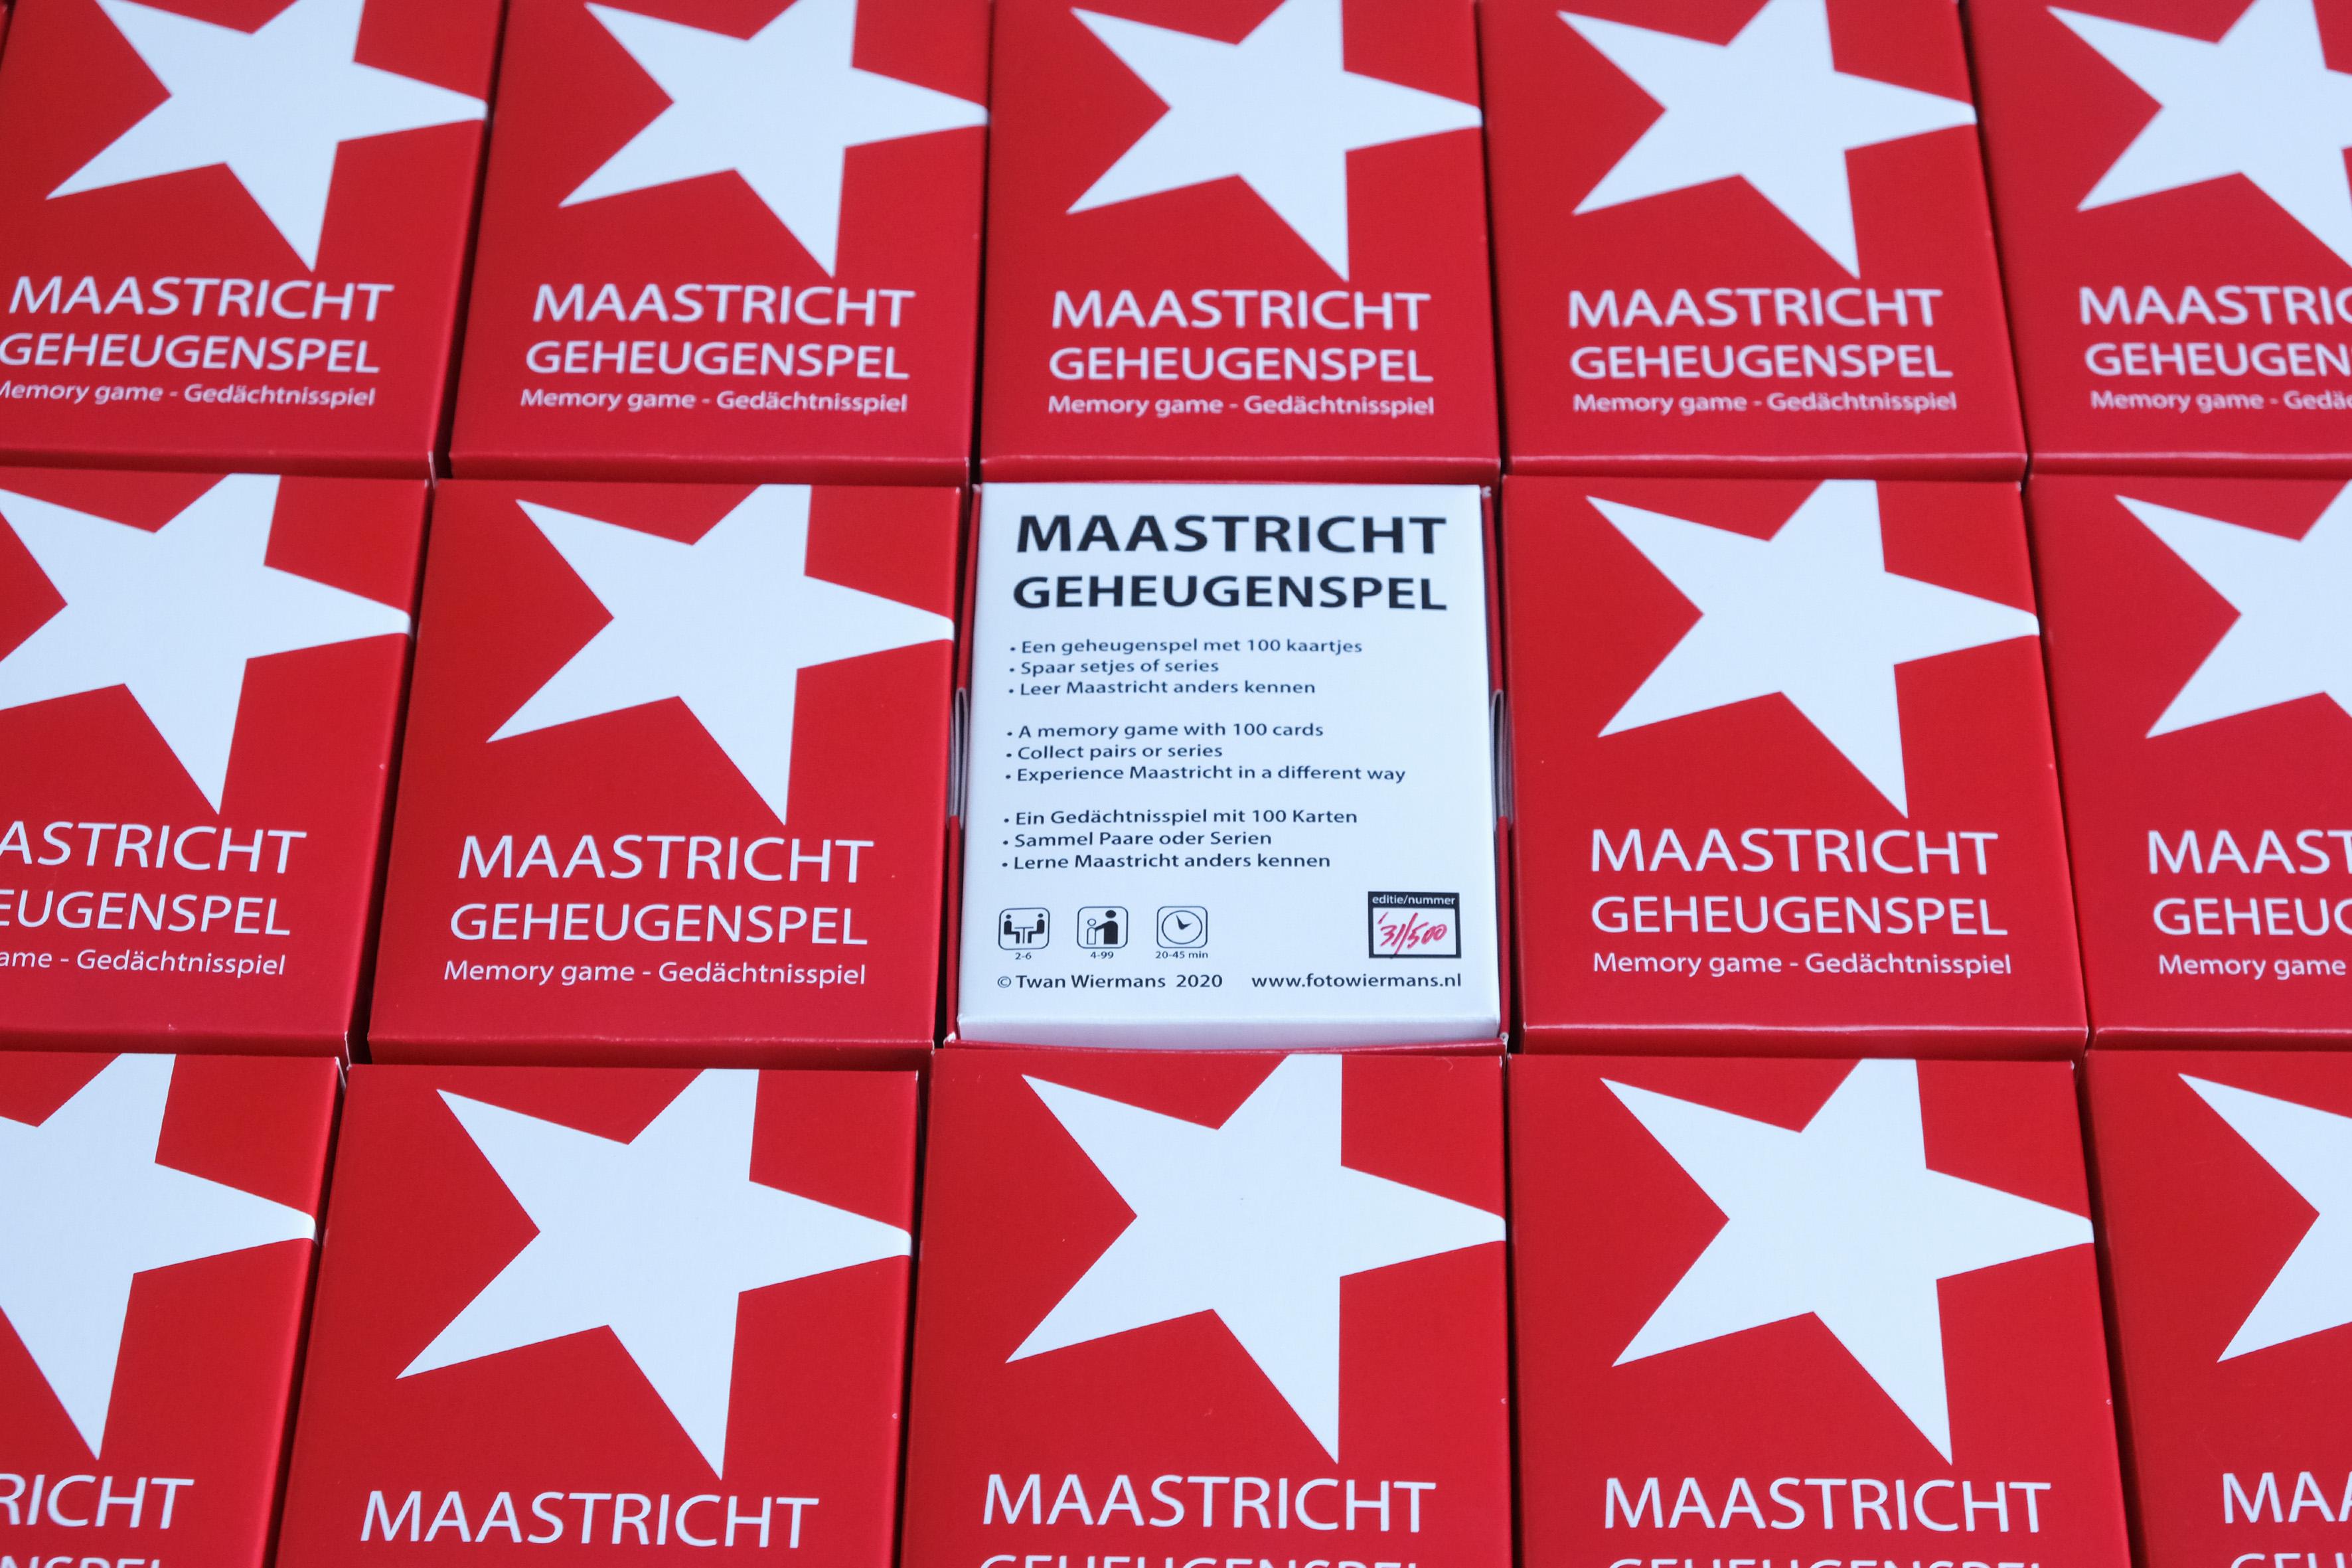 Maastricht-geheugenspel-003